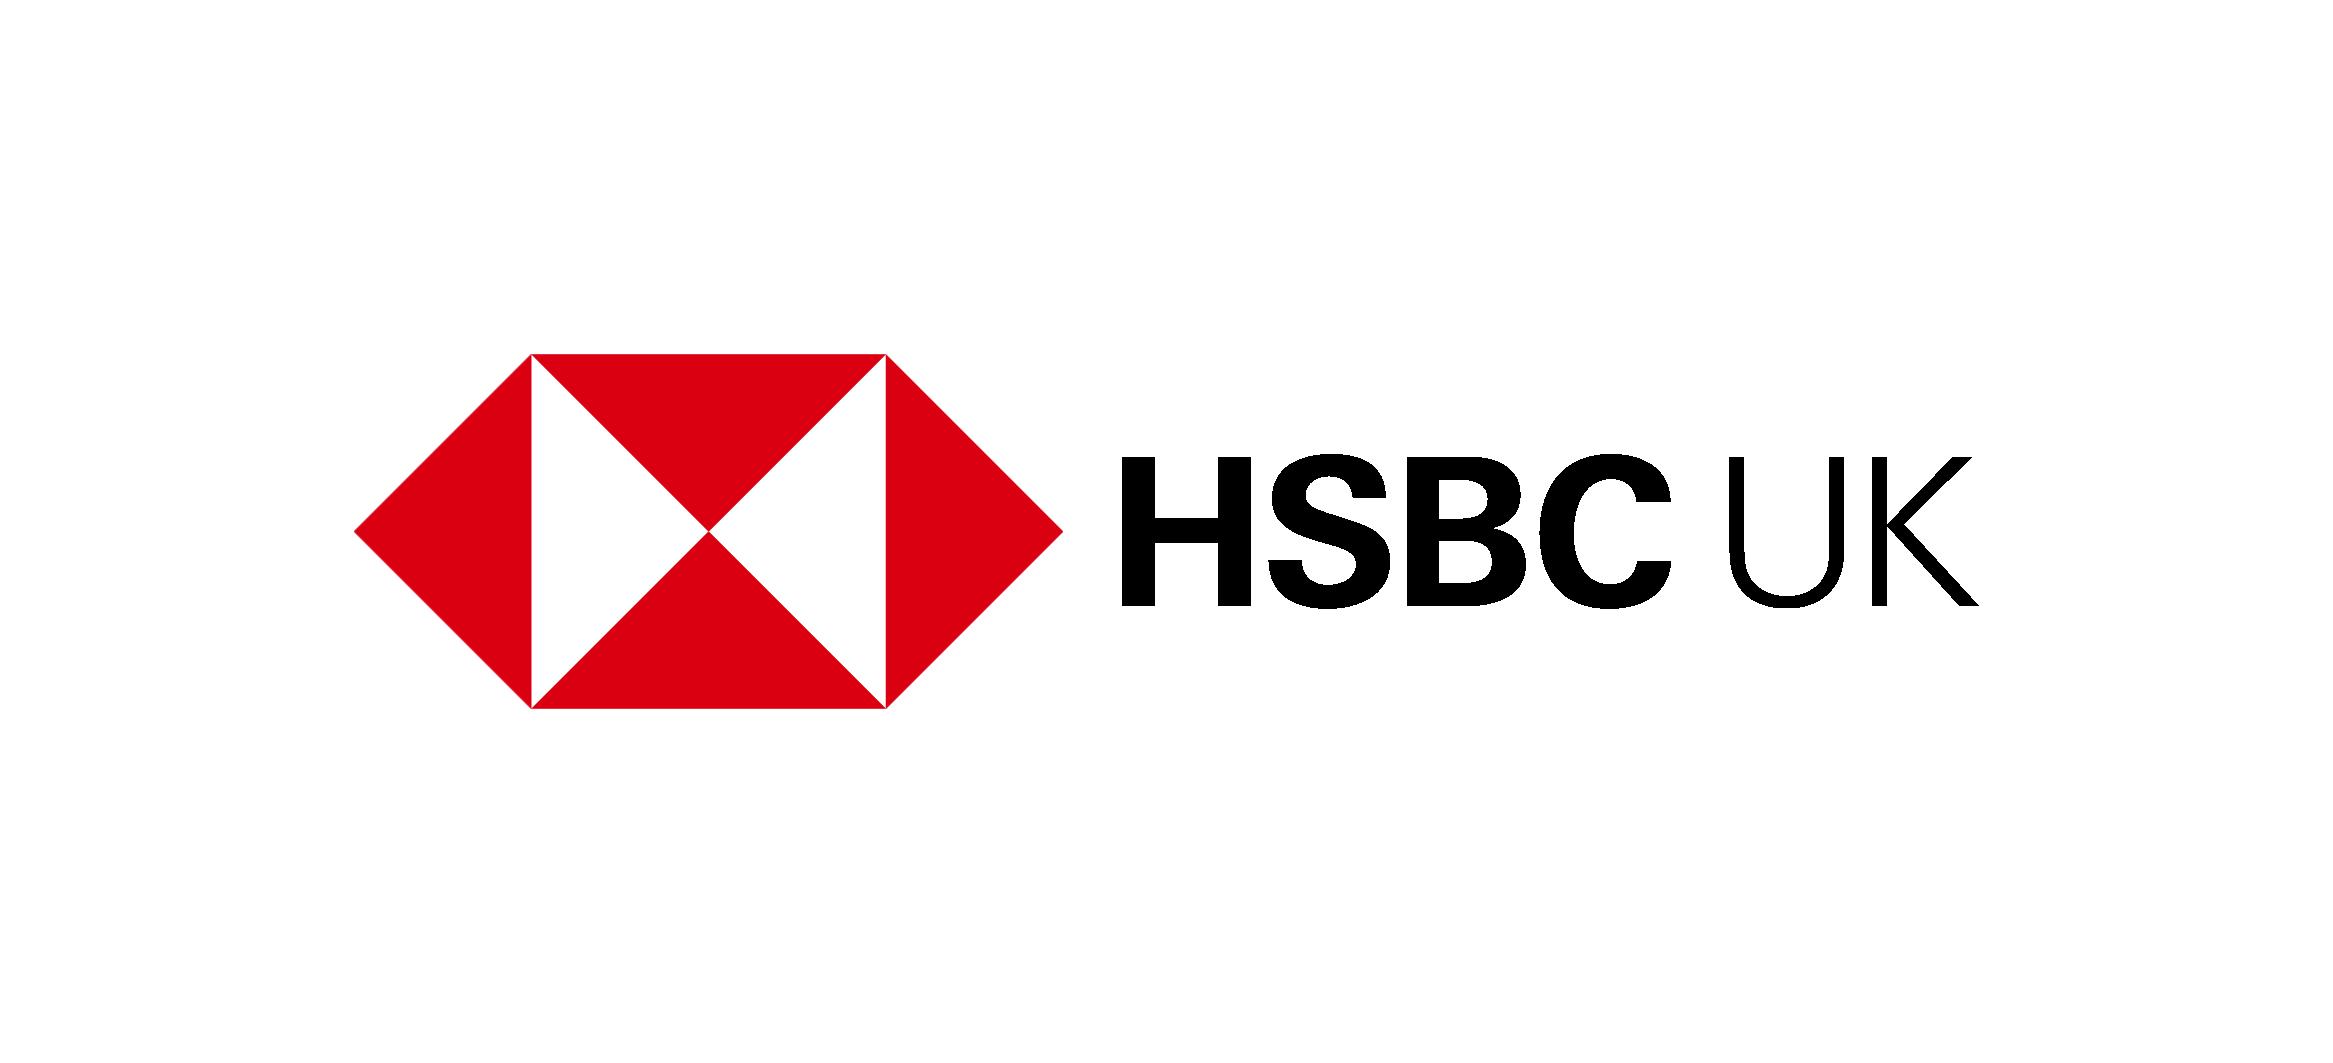 HSBC Master Logo